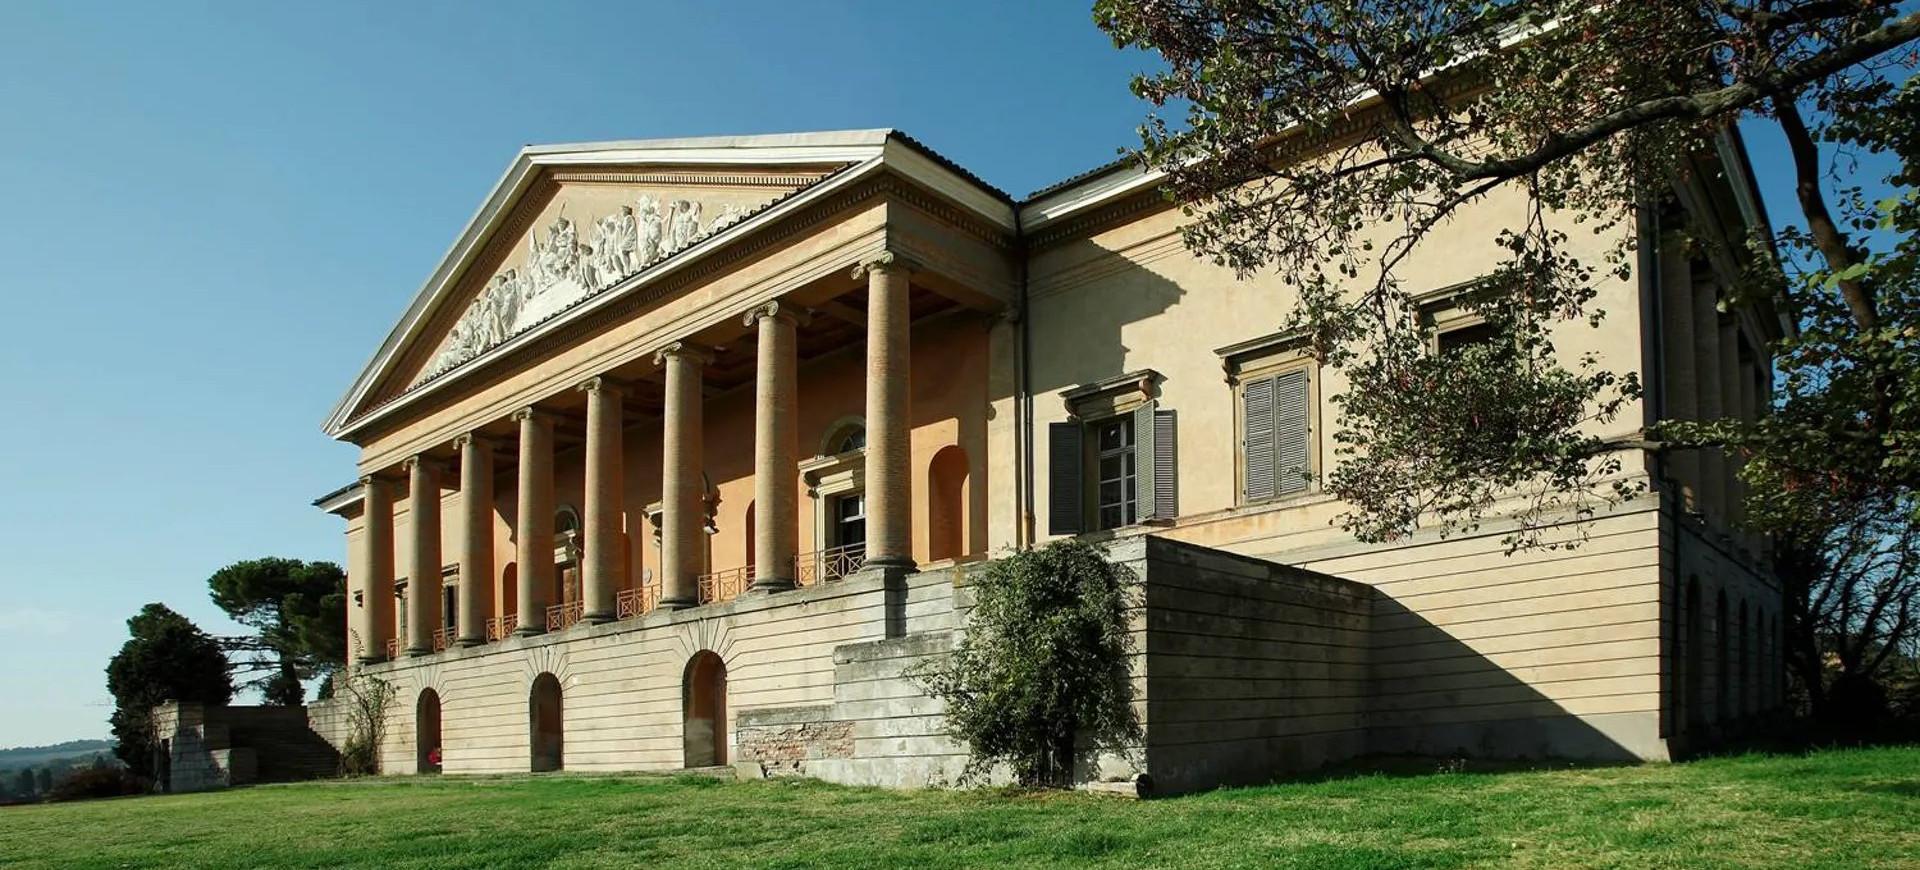 Villa Aldini - Bologna. Dal sito FAI